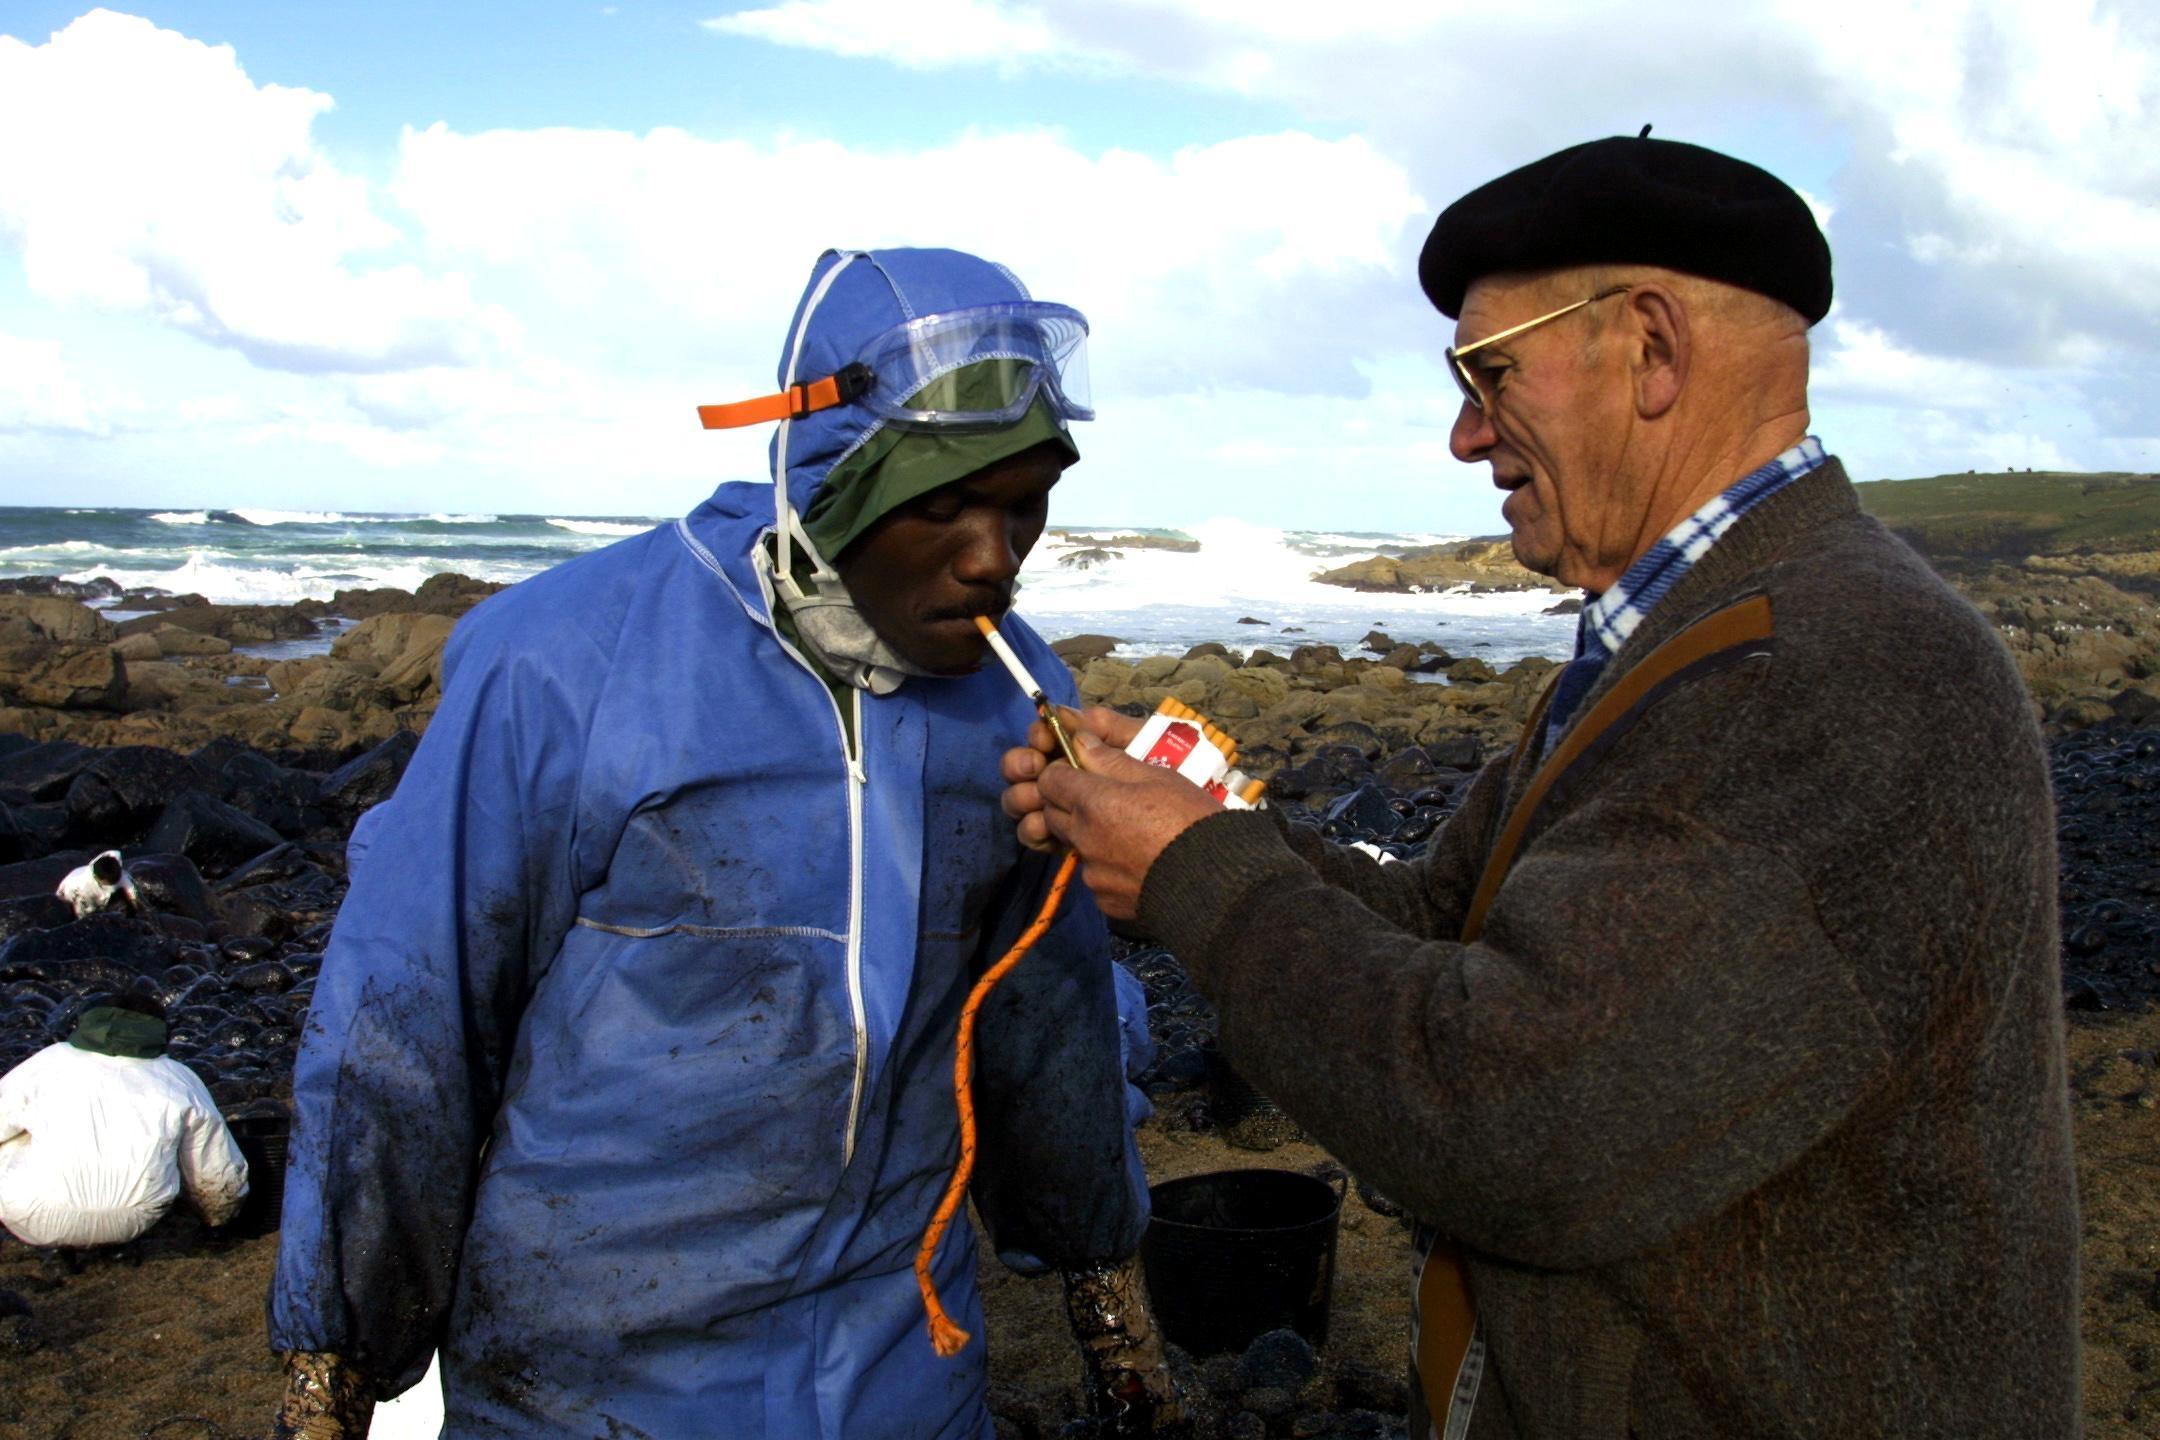 Un muxián que reparte tabaco entre los voluntarios le ofrece fuego a un joven <br><b>José Manuel Casal</b>